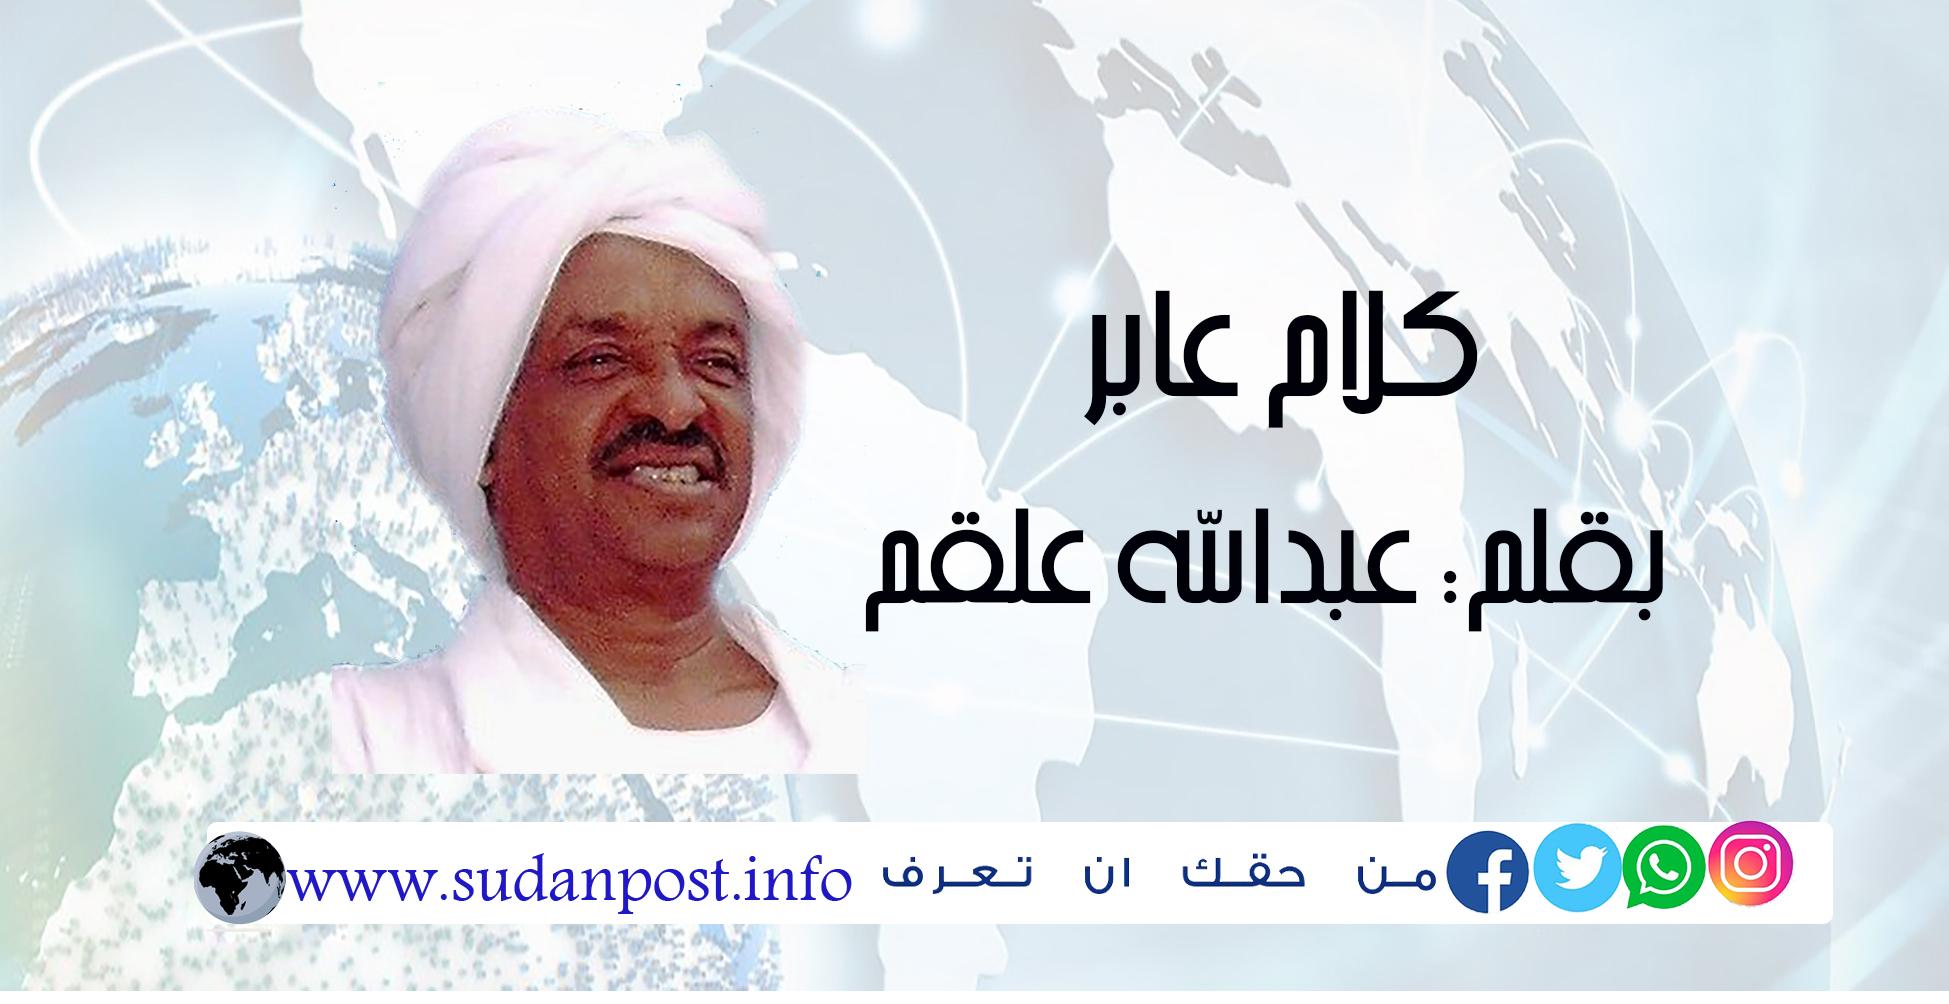 كلام عابر … بقلم: عبدالله علقم .. على هامش الحدث (31)